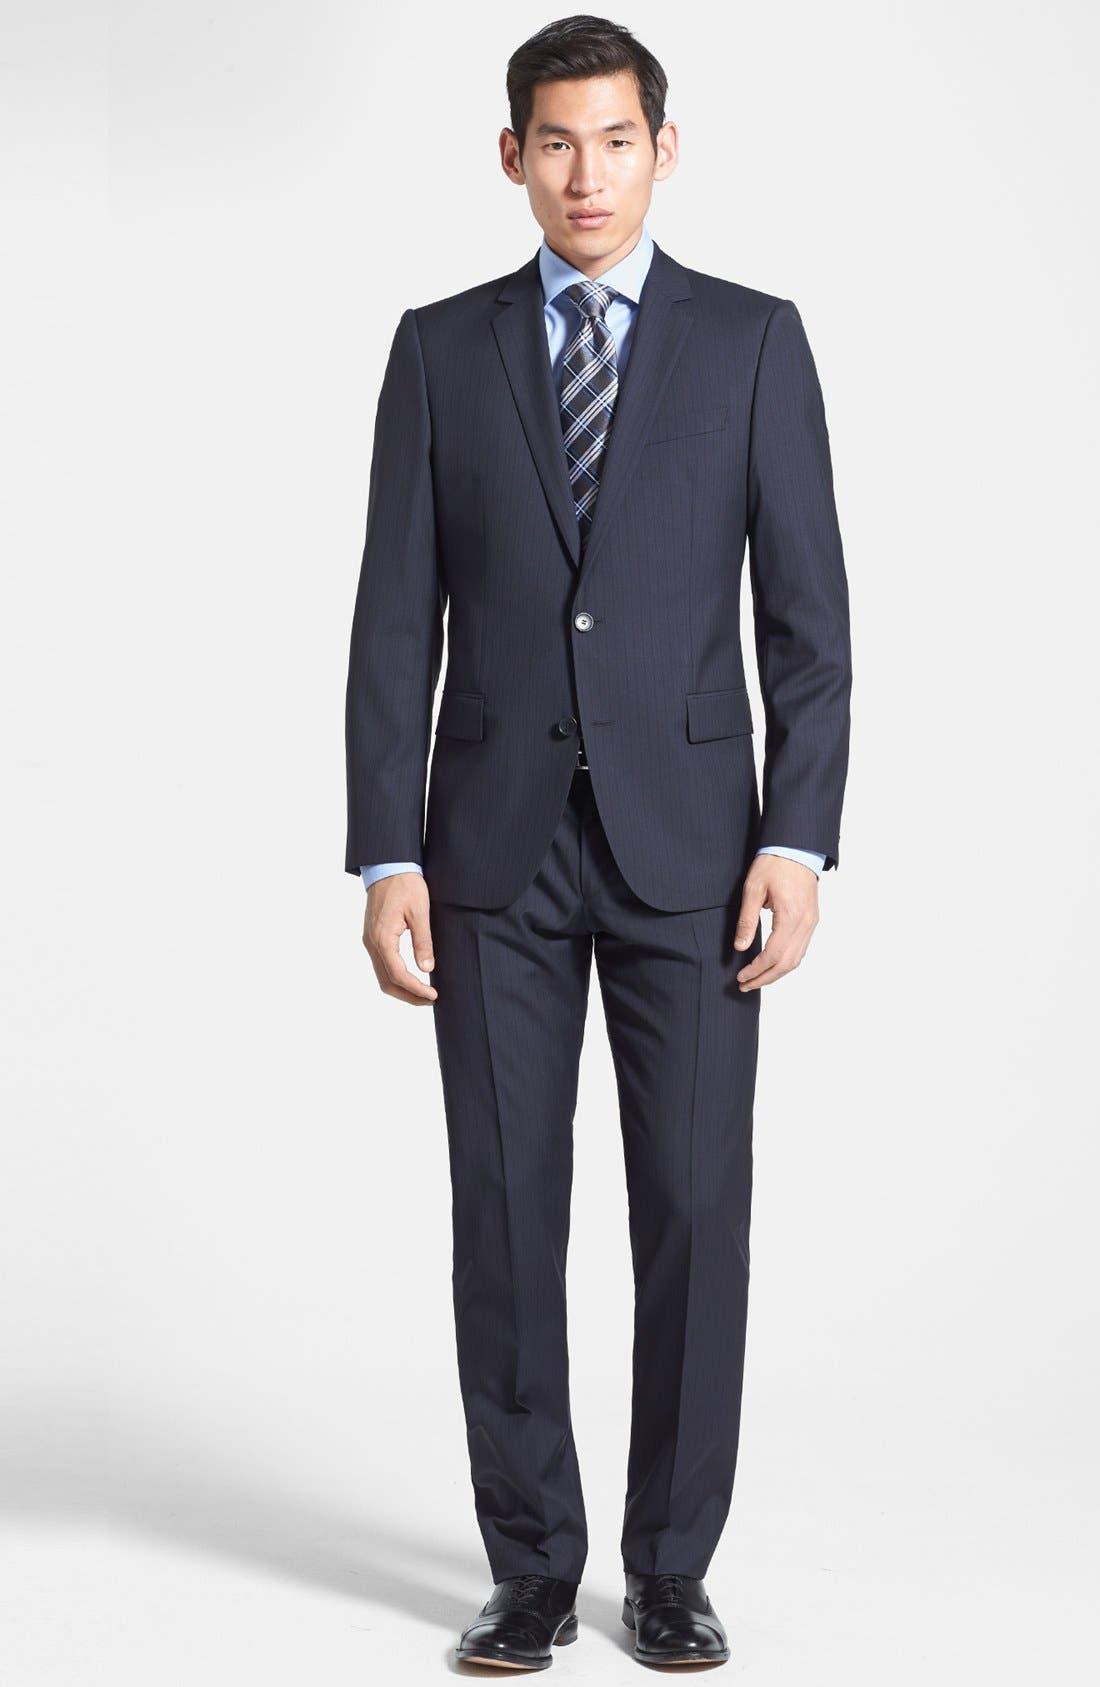 Alternate Image 1 Selected - HUGO 'Amaro/Heise' Trim Fit Wool Blend Suit